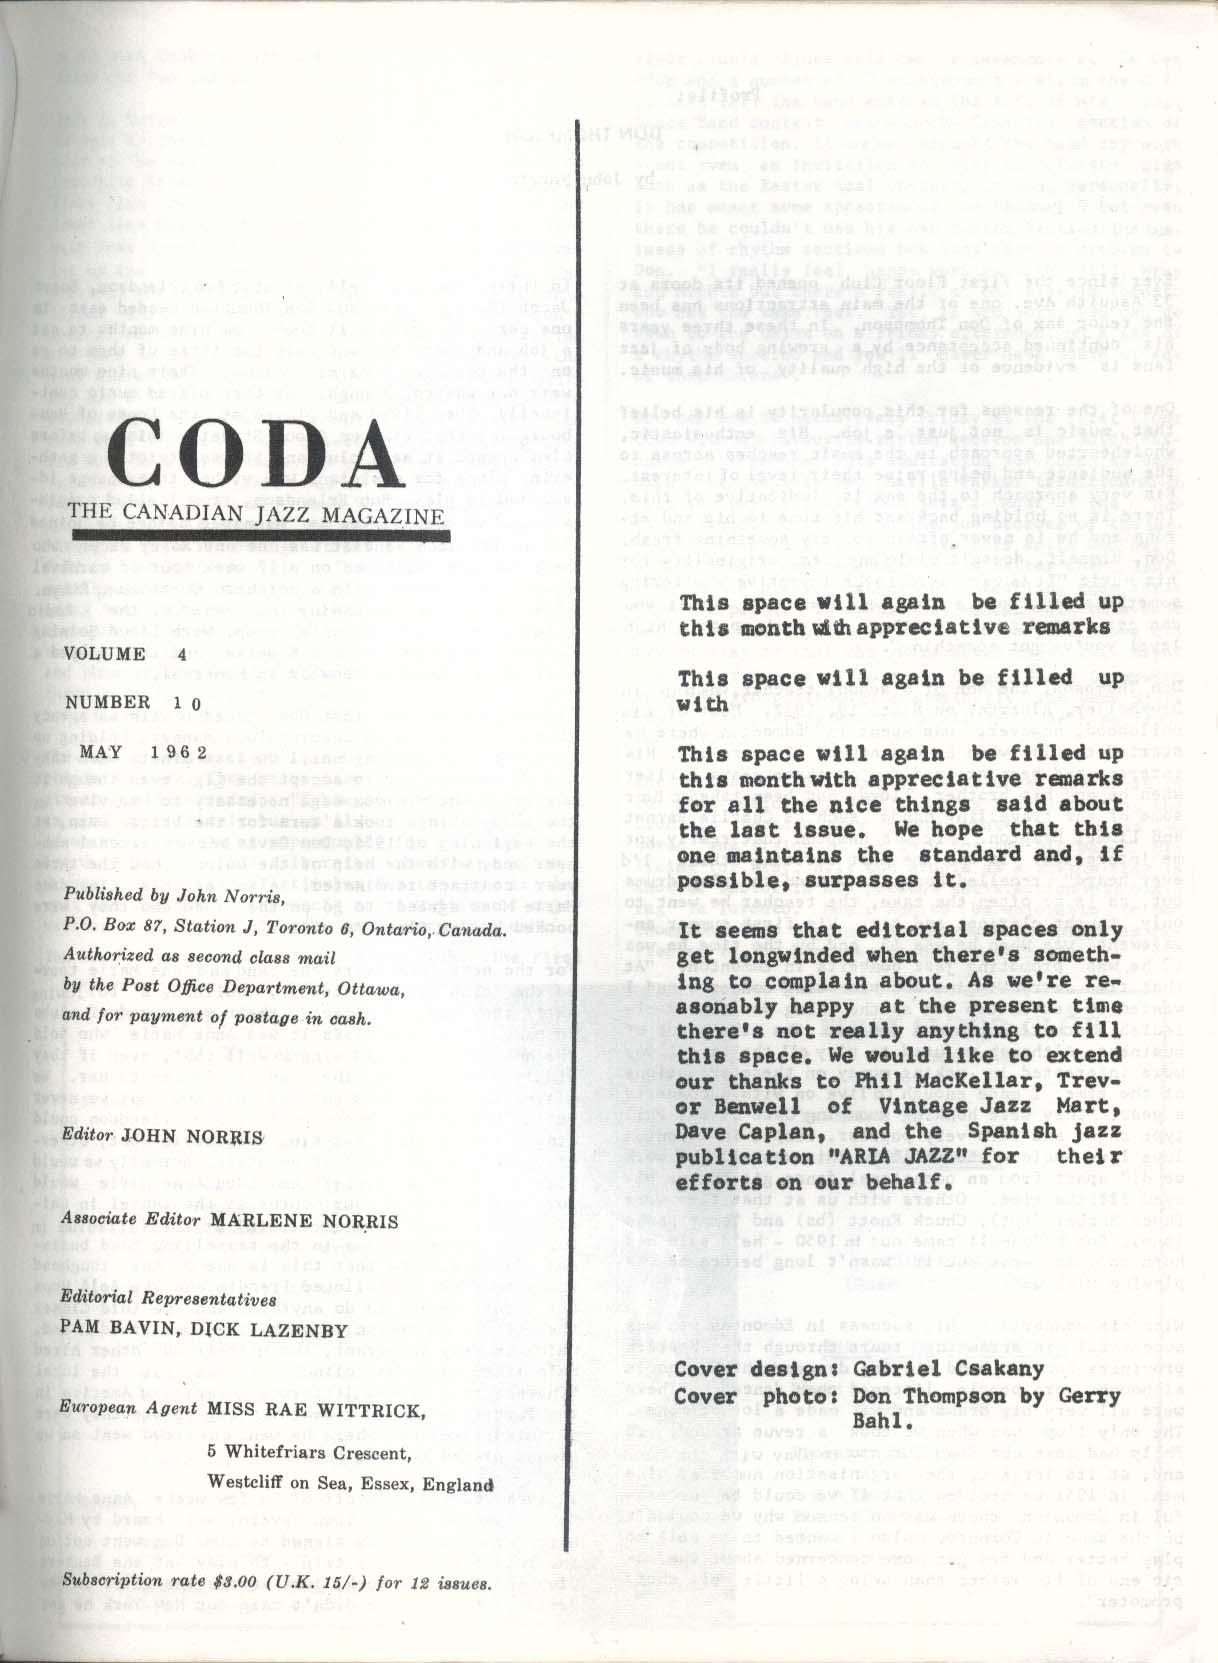 CODA V4 #10 Canadian Jazz Magazine Gabriel Csakany 5 1962